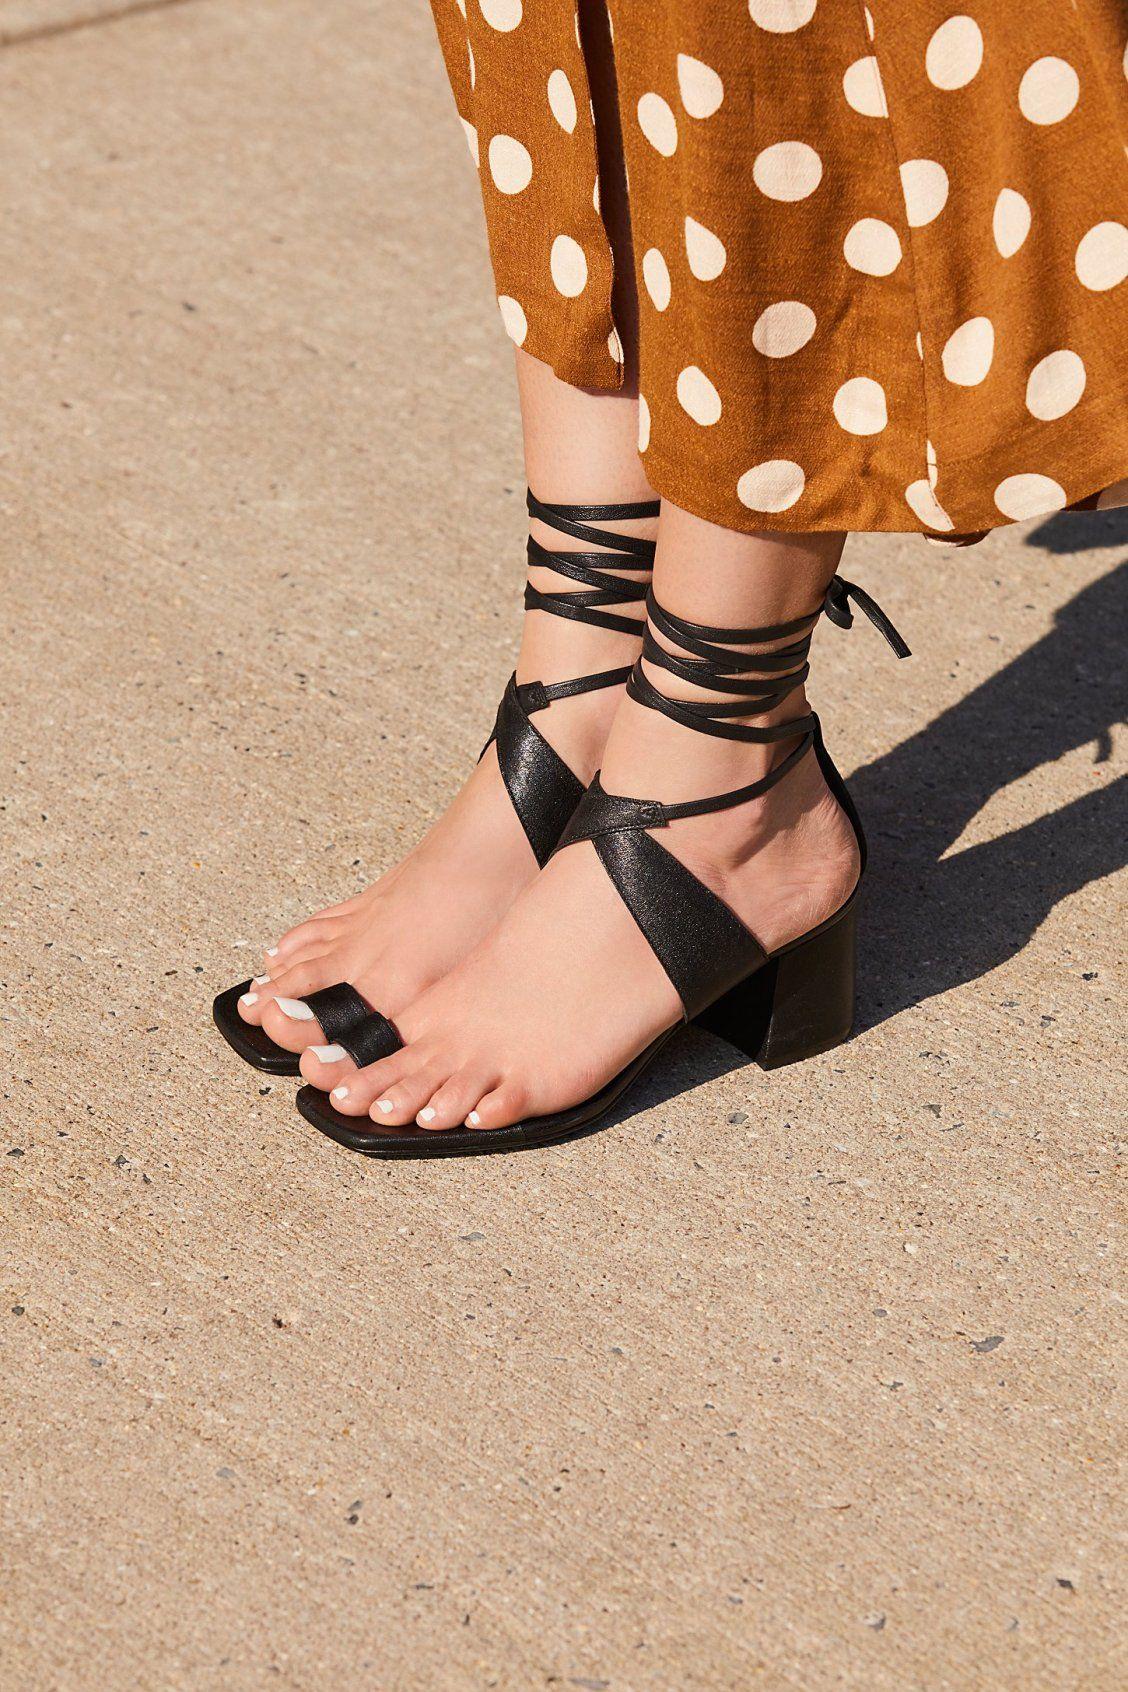 b22e0e8dc317 New Arrivals  Shoes. Laci Heel